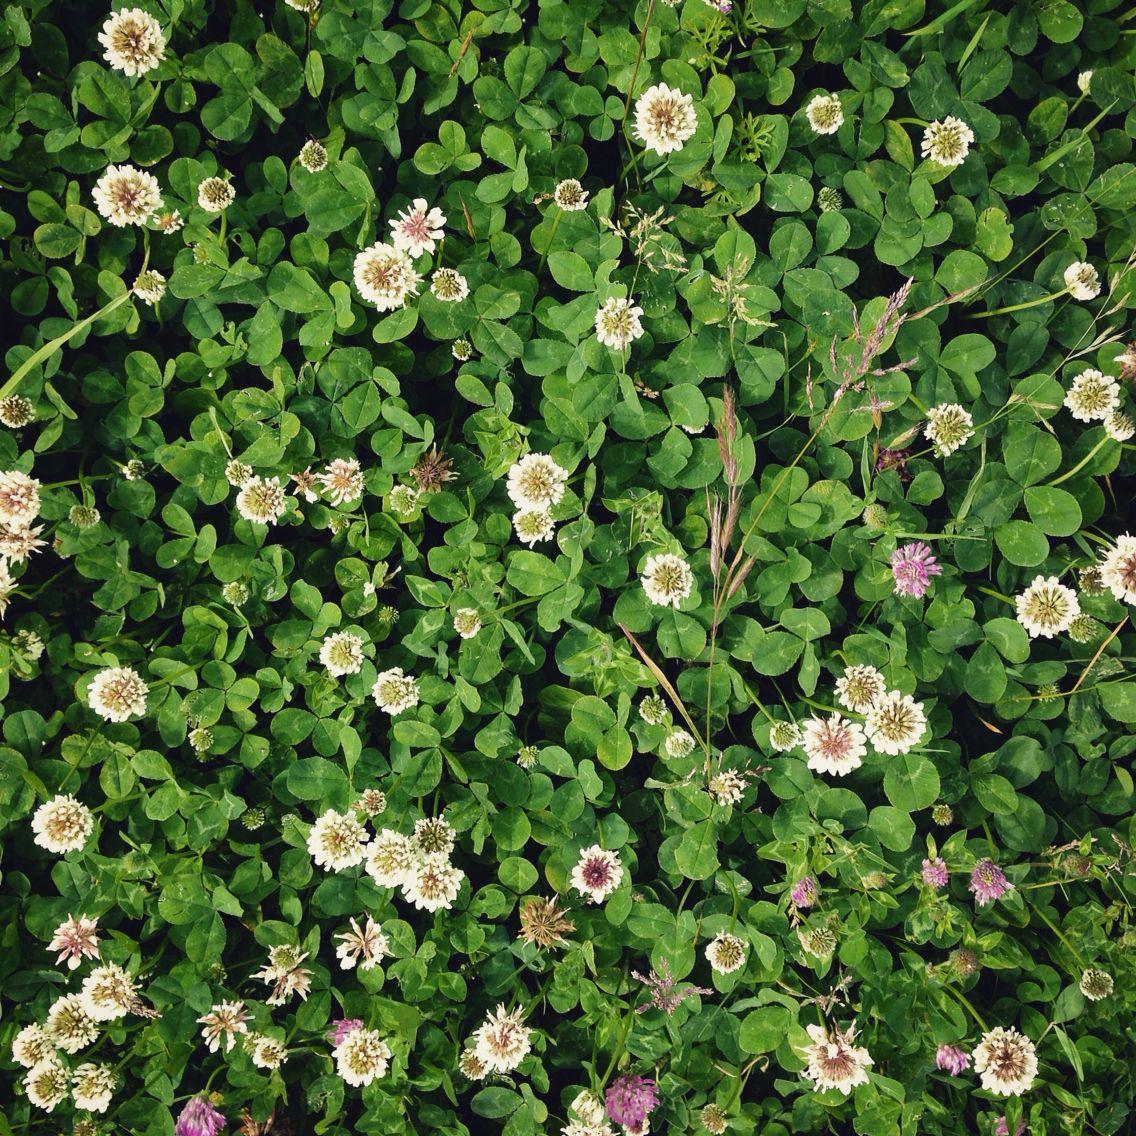 The clover is in full summer flower clover flowers fields the clover is in full summer flower clover flowers fields nature mightylinksfo